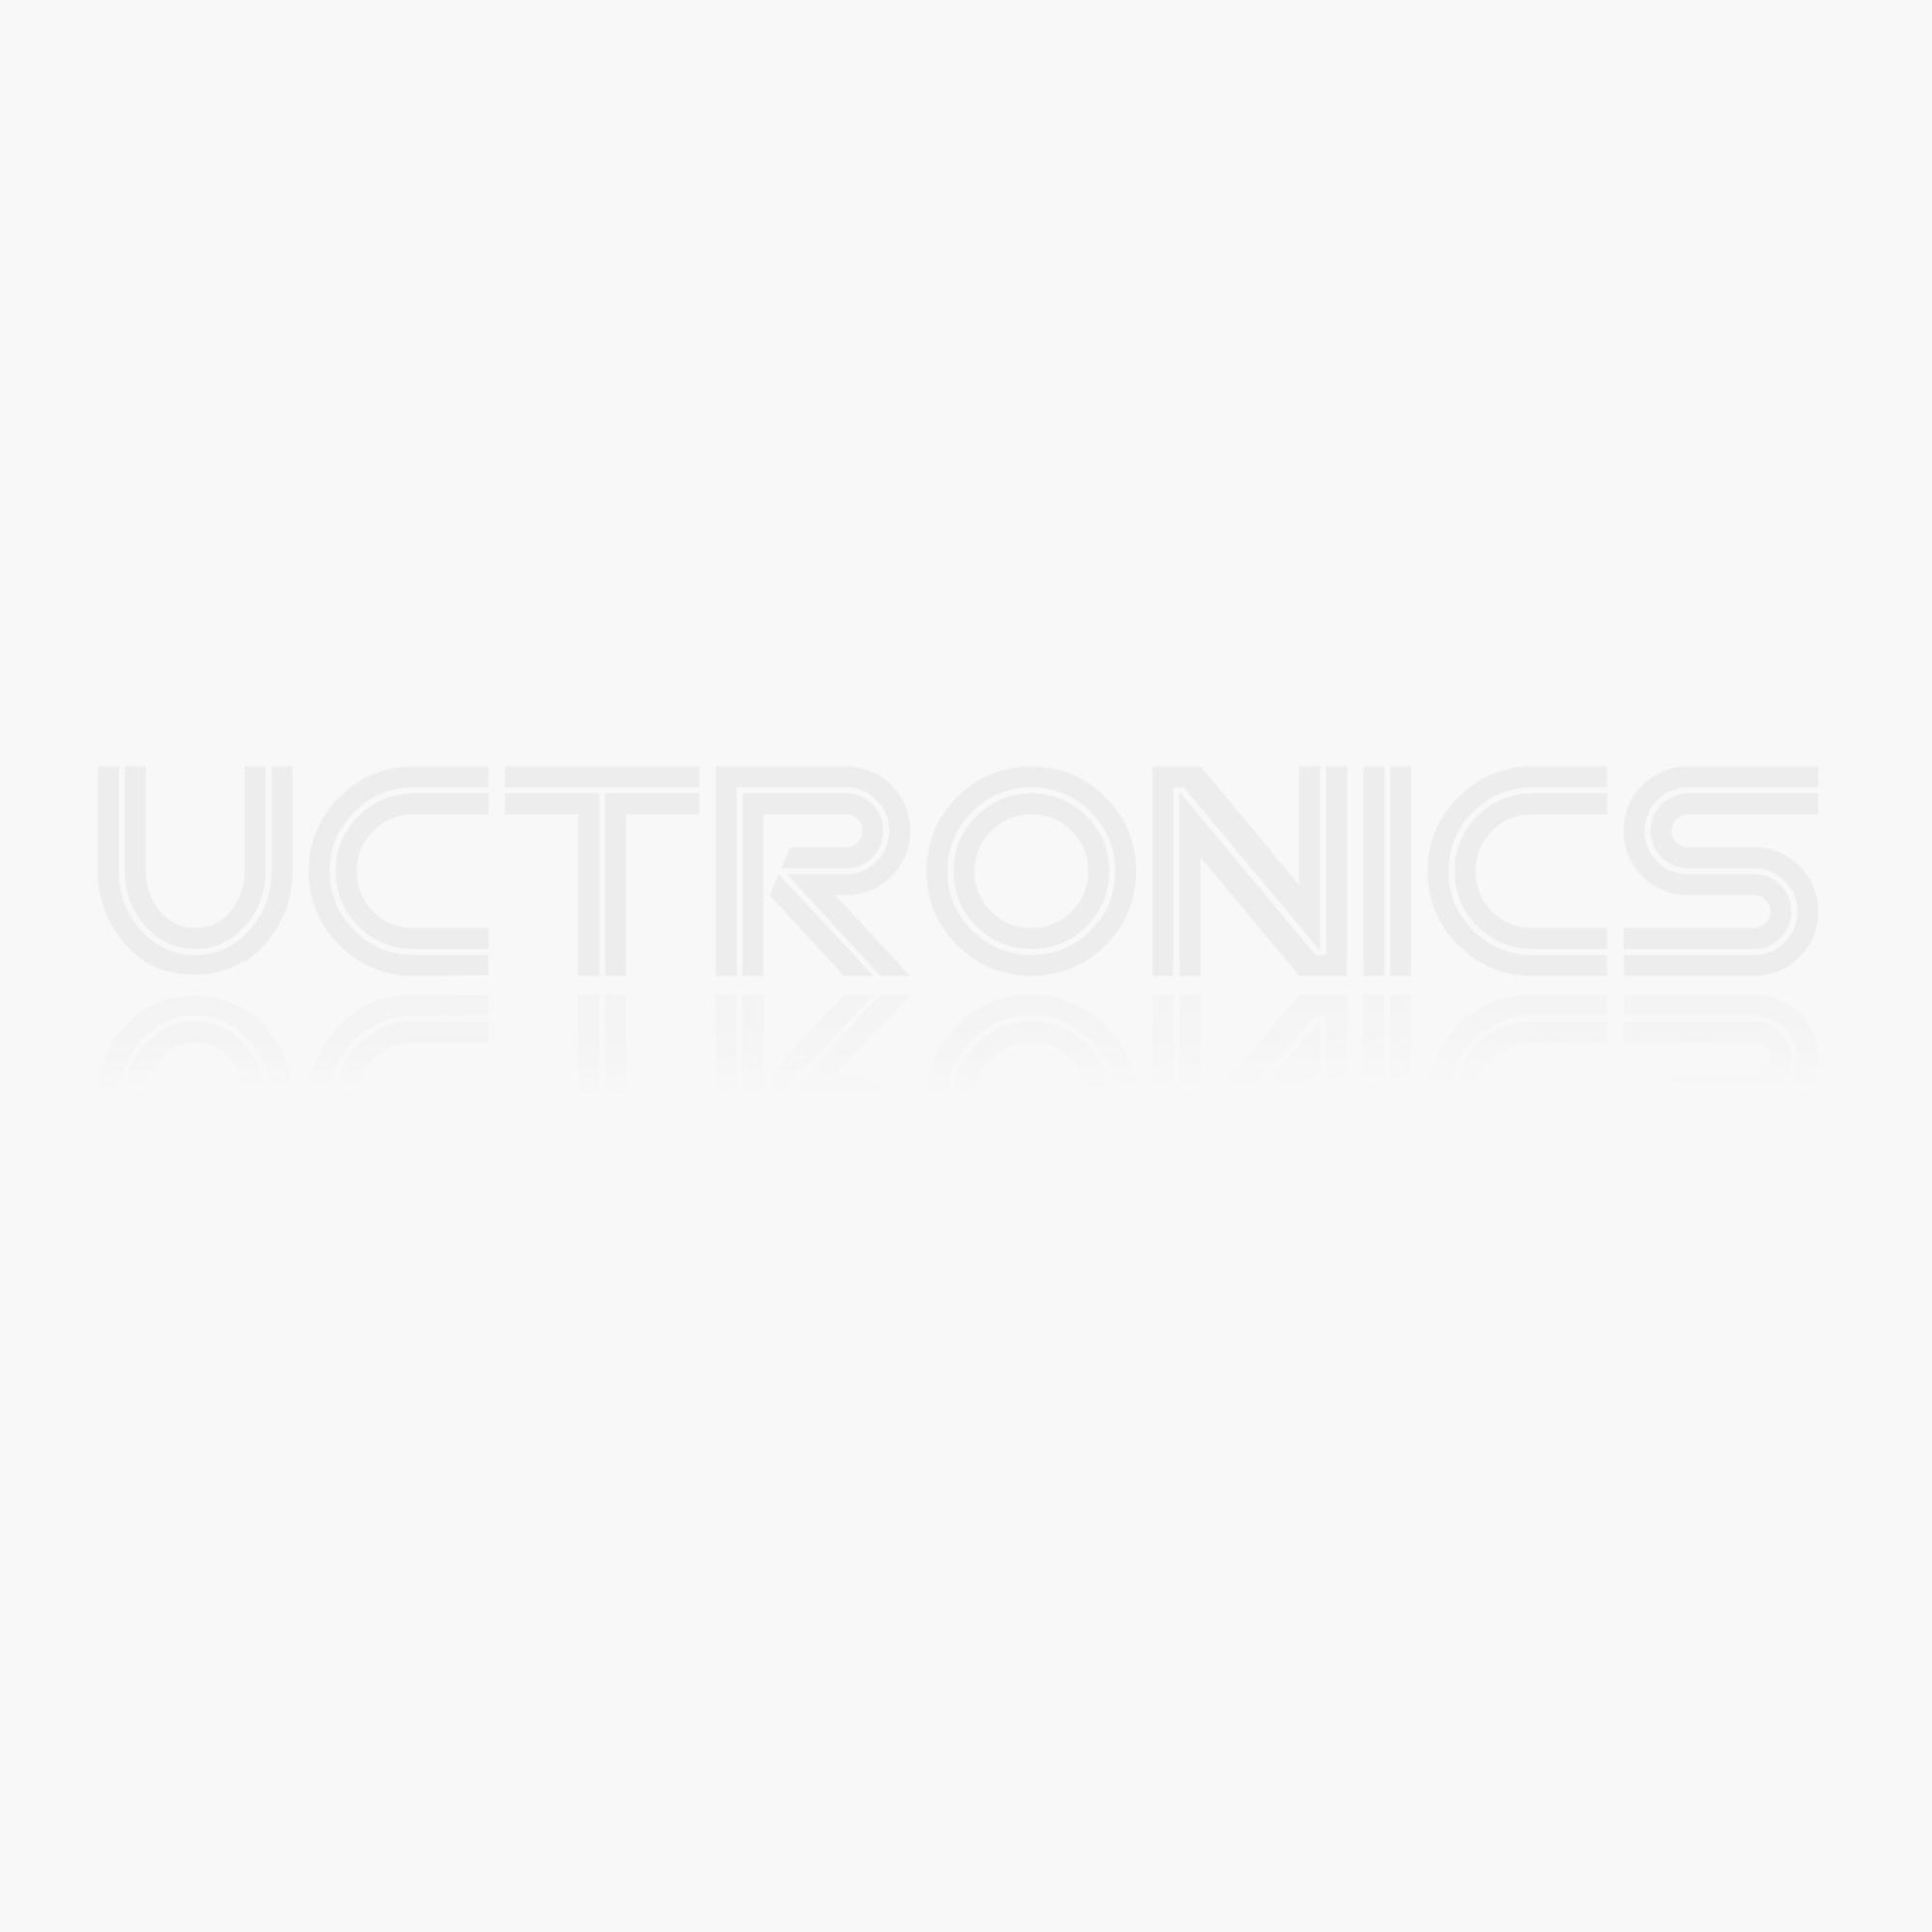 Arducam High Quality Camera for Raspberry Pi